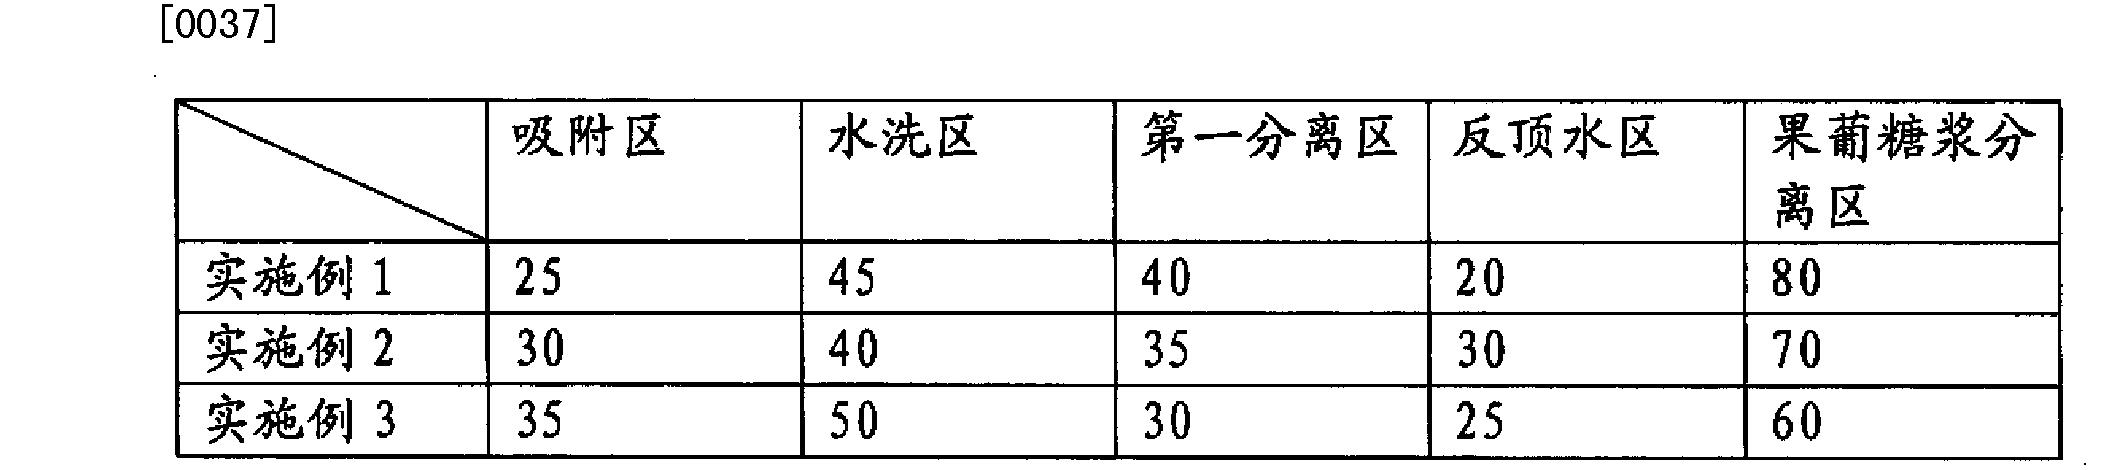 Figure CN102876817BD00061